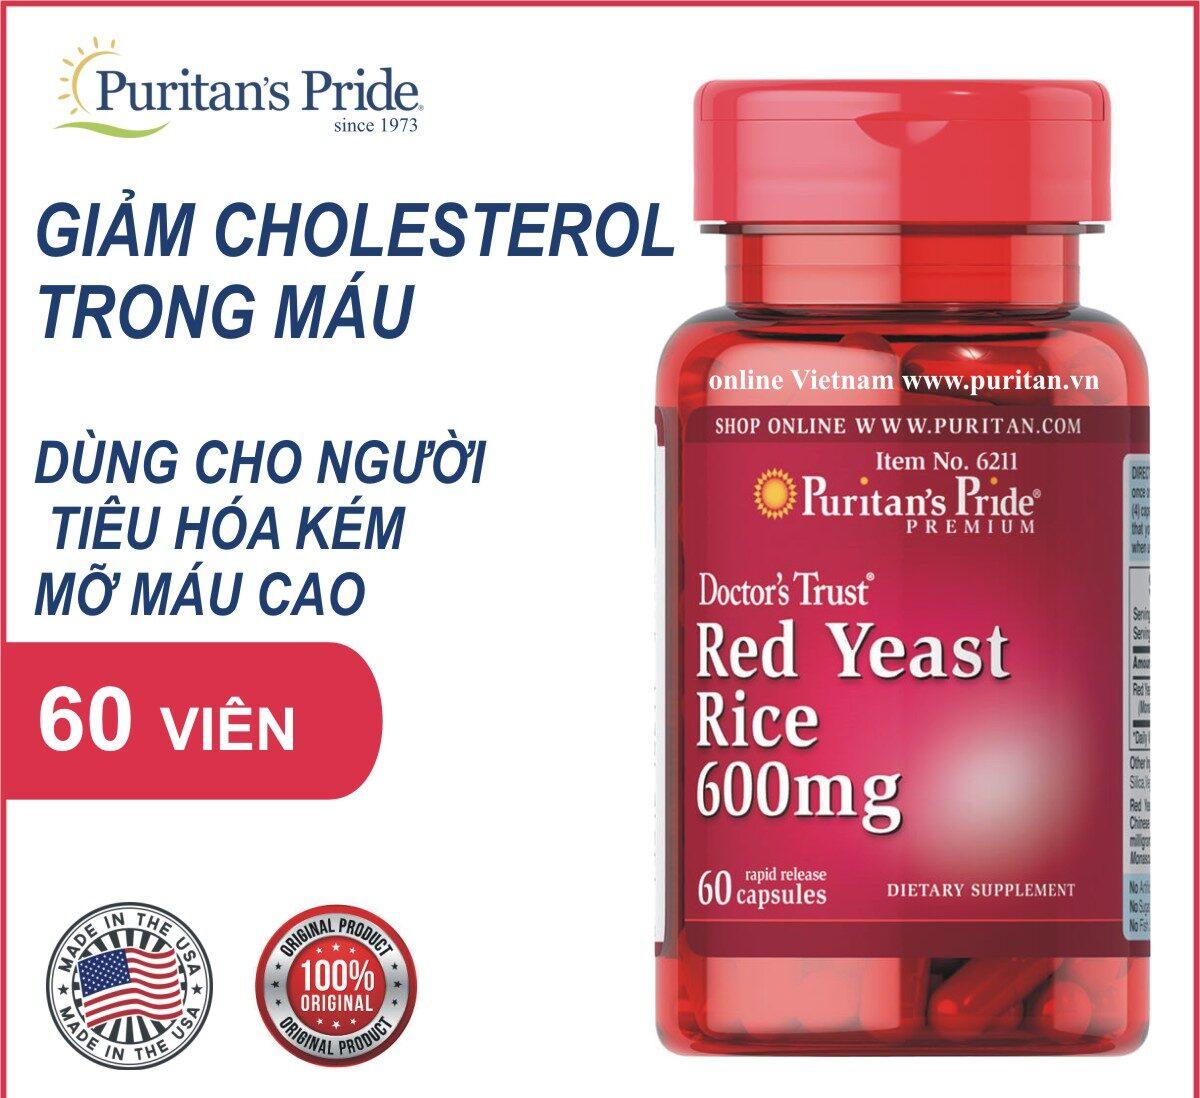 Red Yeast Rice 600 mg -Công dụng đặc biệt